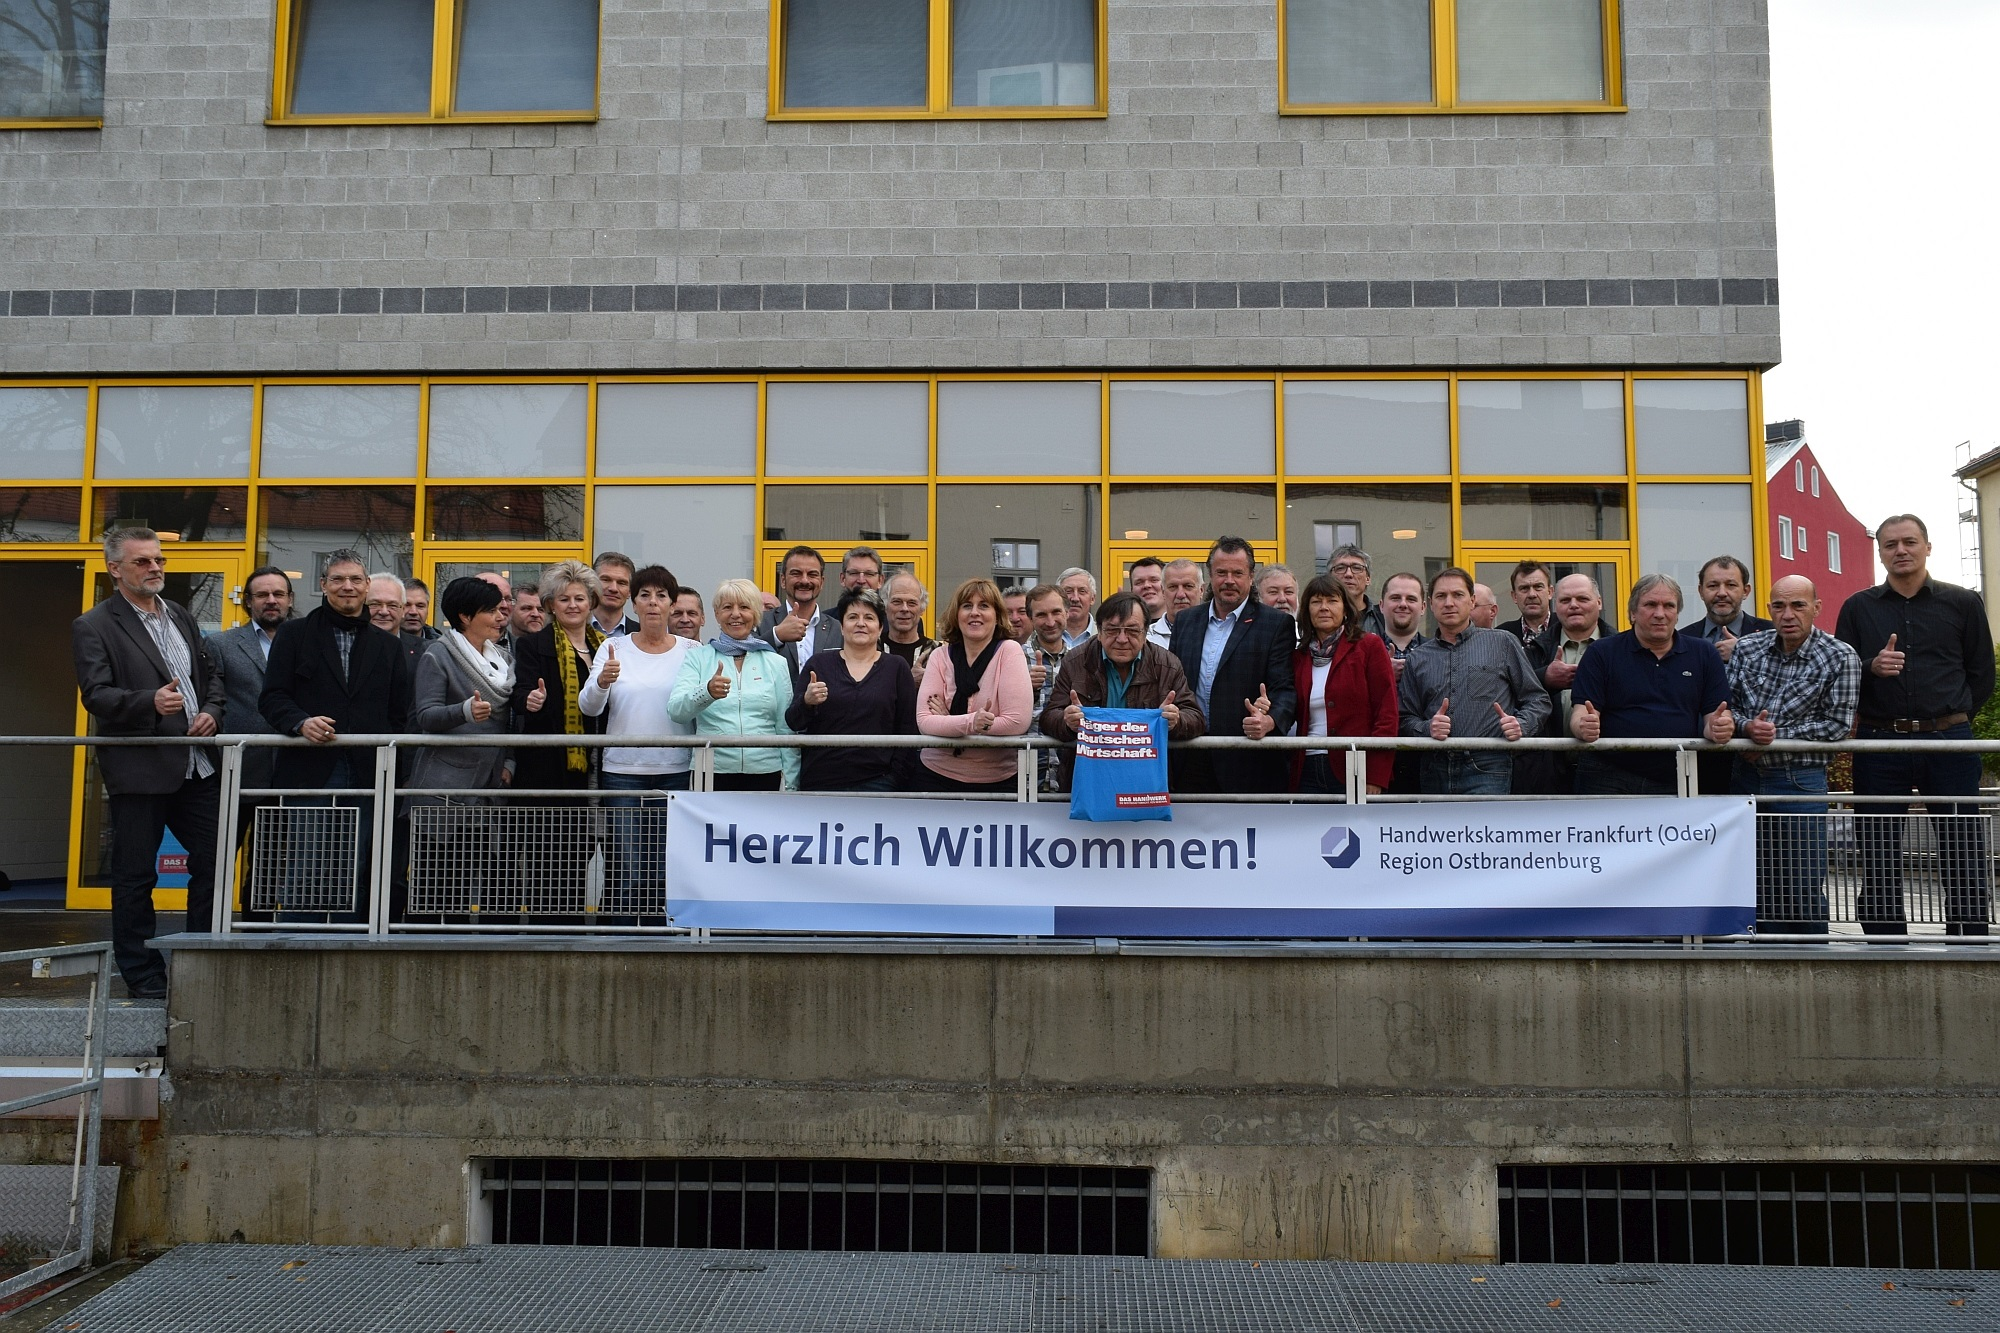 Gesellen und Gesellinnen Frankfurt (ODer)